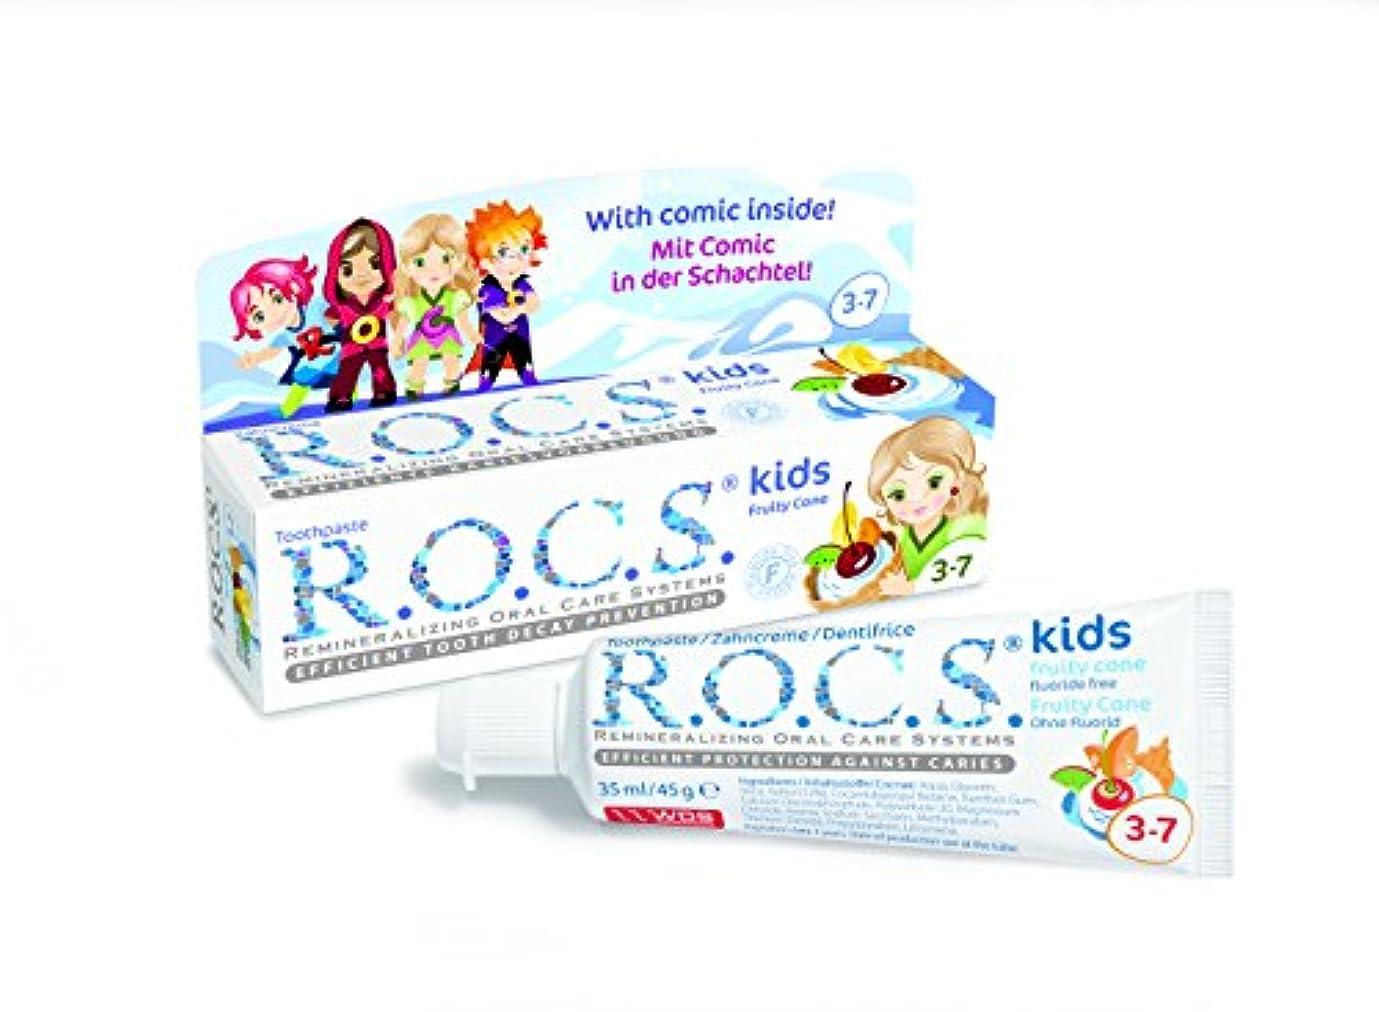 反発電極承認R.O.C.S. ロックス歯磨き粉 キッズフルーティコーン3?7歳用